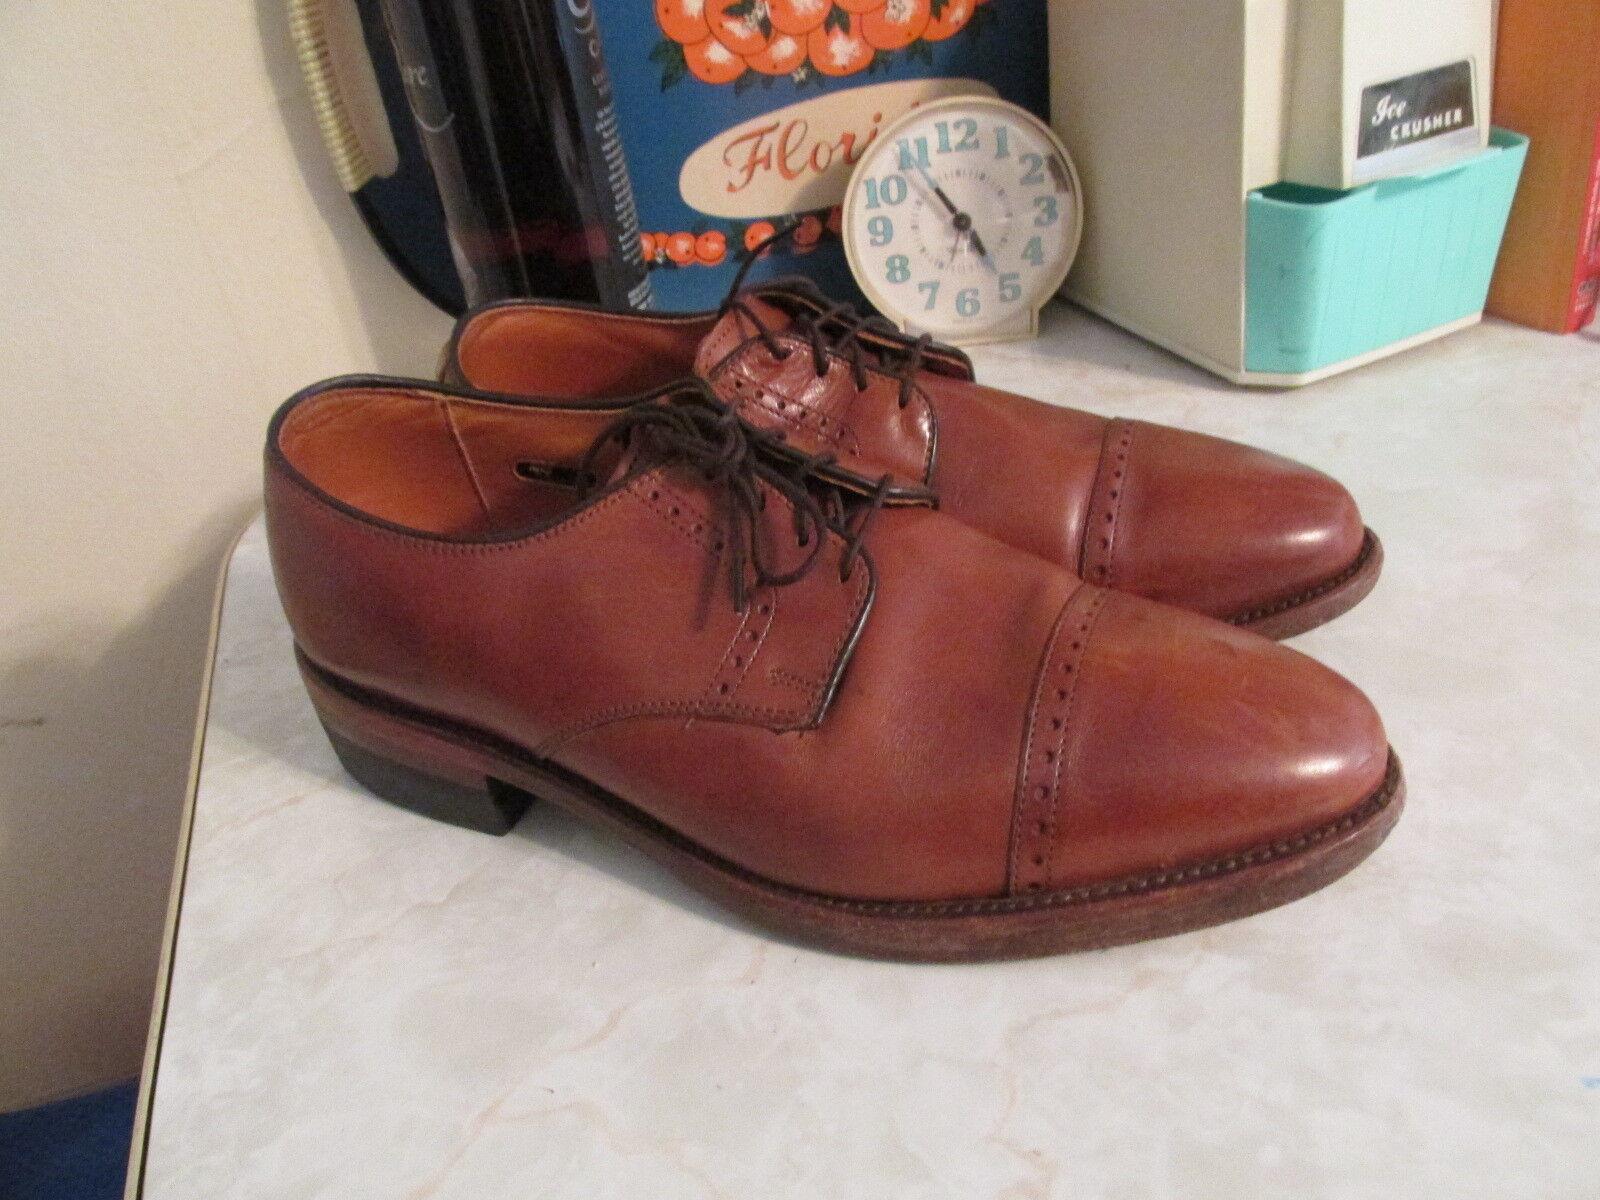 Allen Edmonds 'Clifton' Oxford - Walnut Calf - Size 8.5